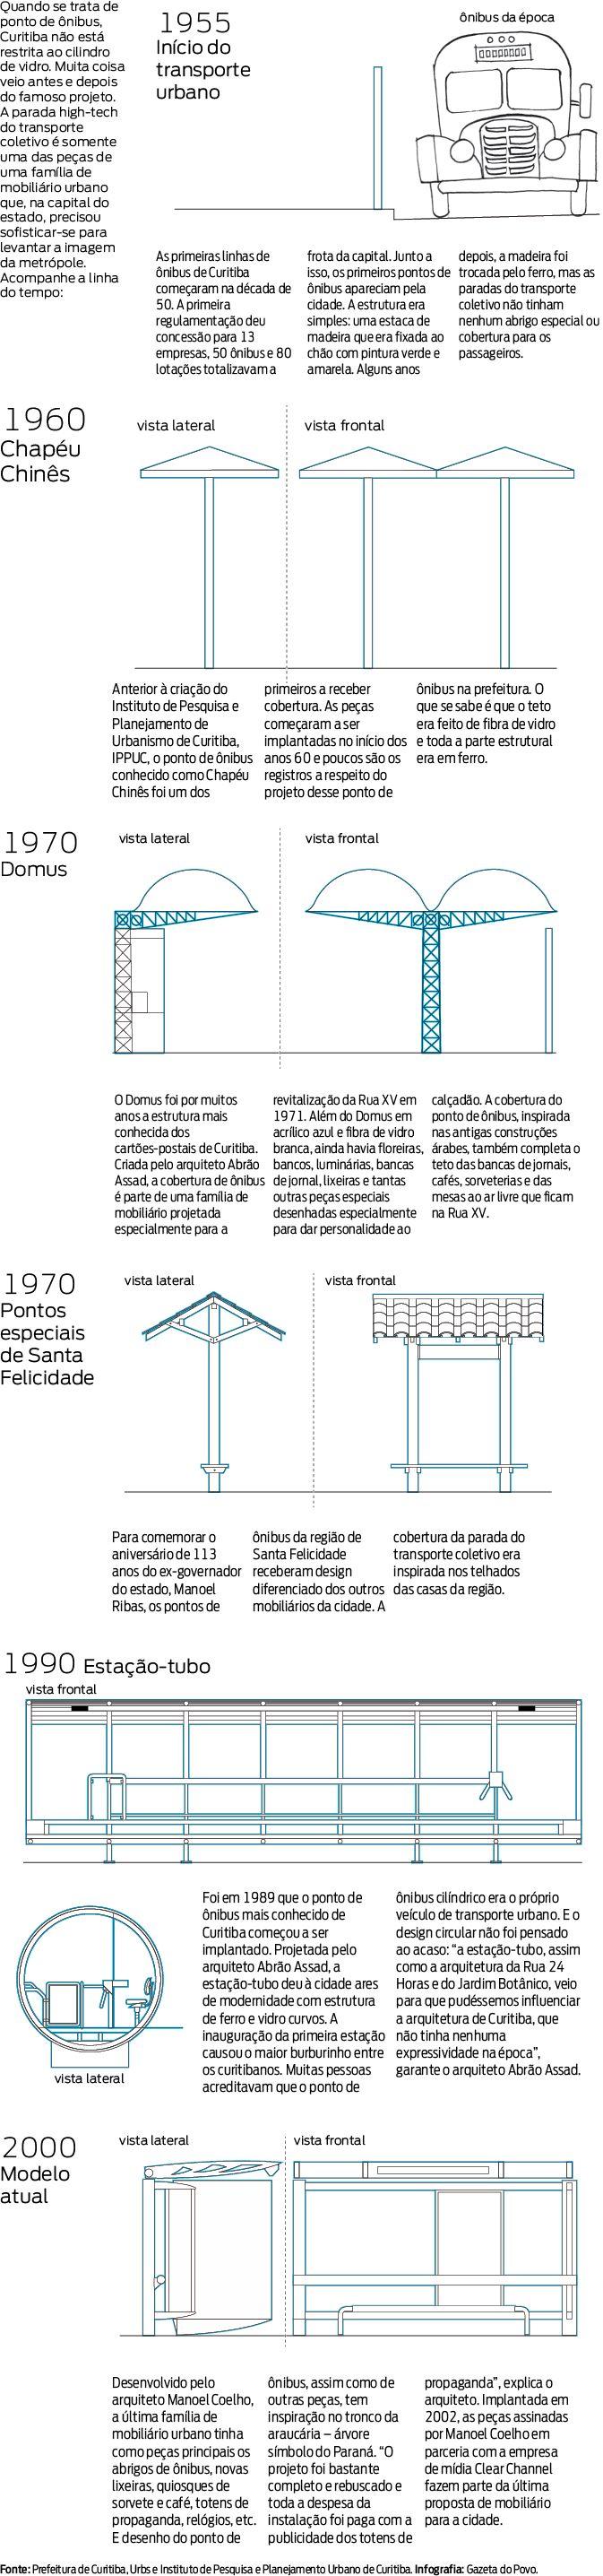 A evolução dos pontos de ônibus de Curitiba.